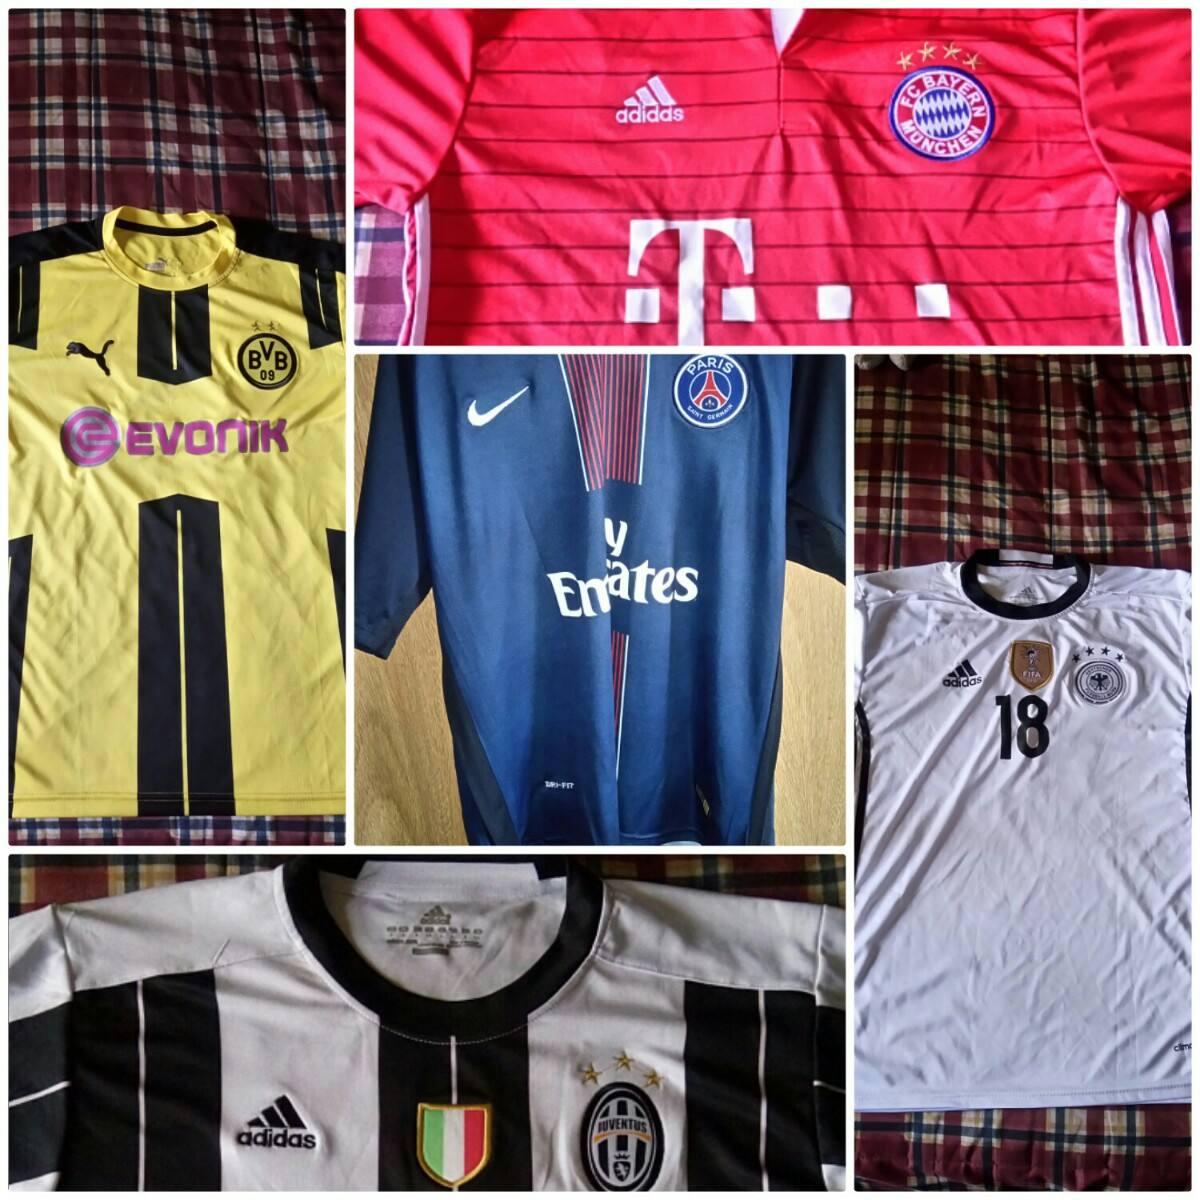 Camisetas Por Mayor Fútbol Europeo -   11.000 en Mercado Libre a2b5e2a64b067